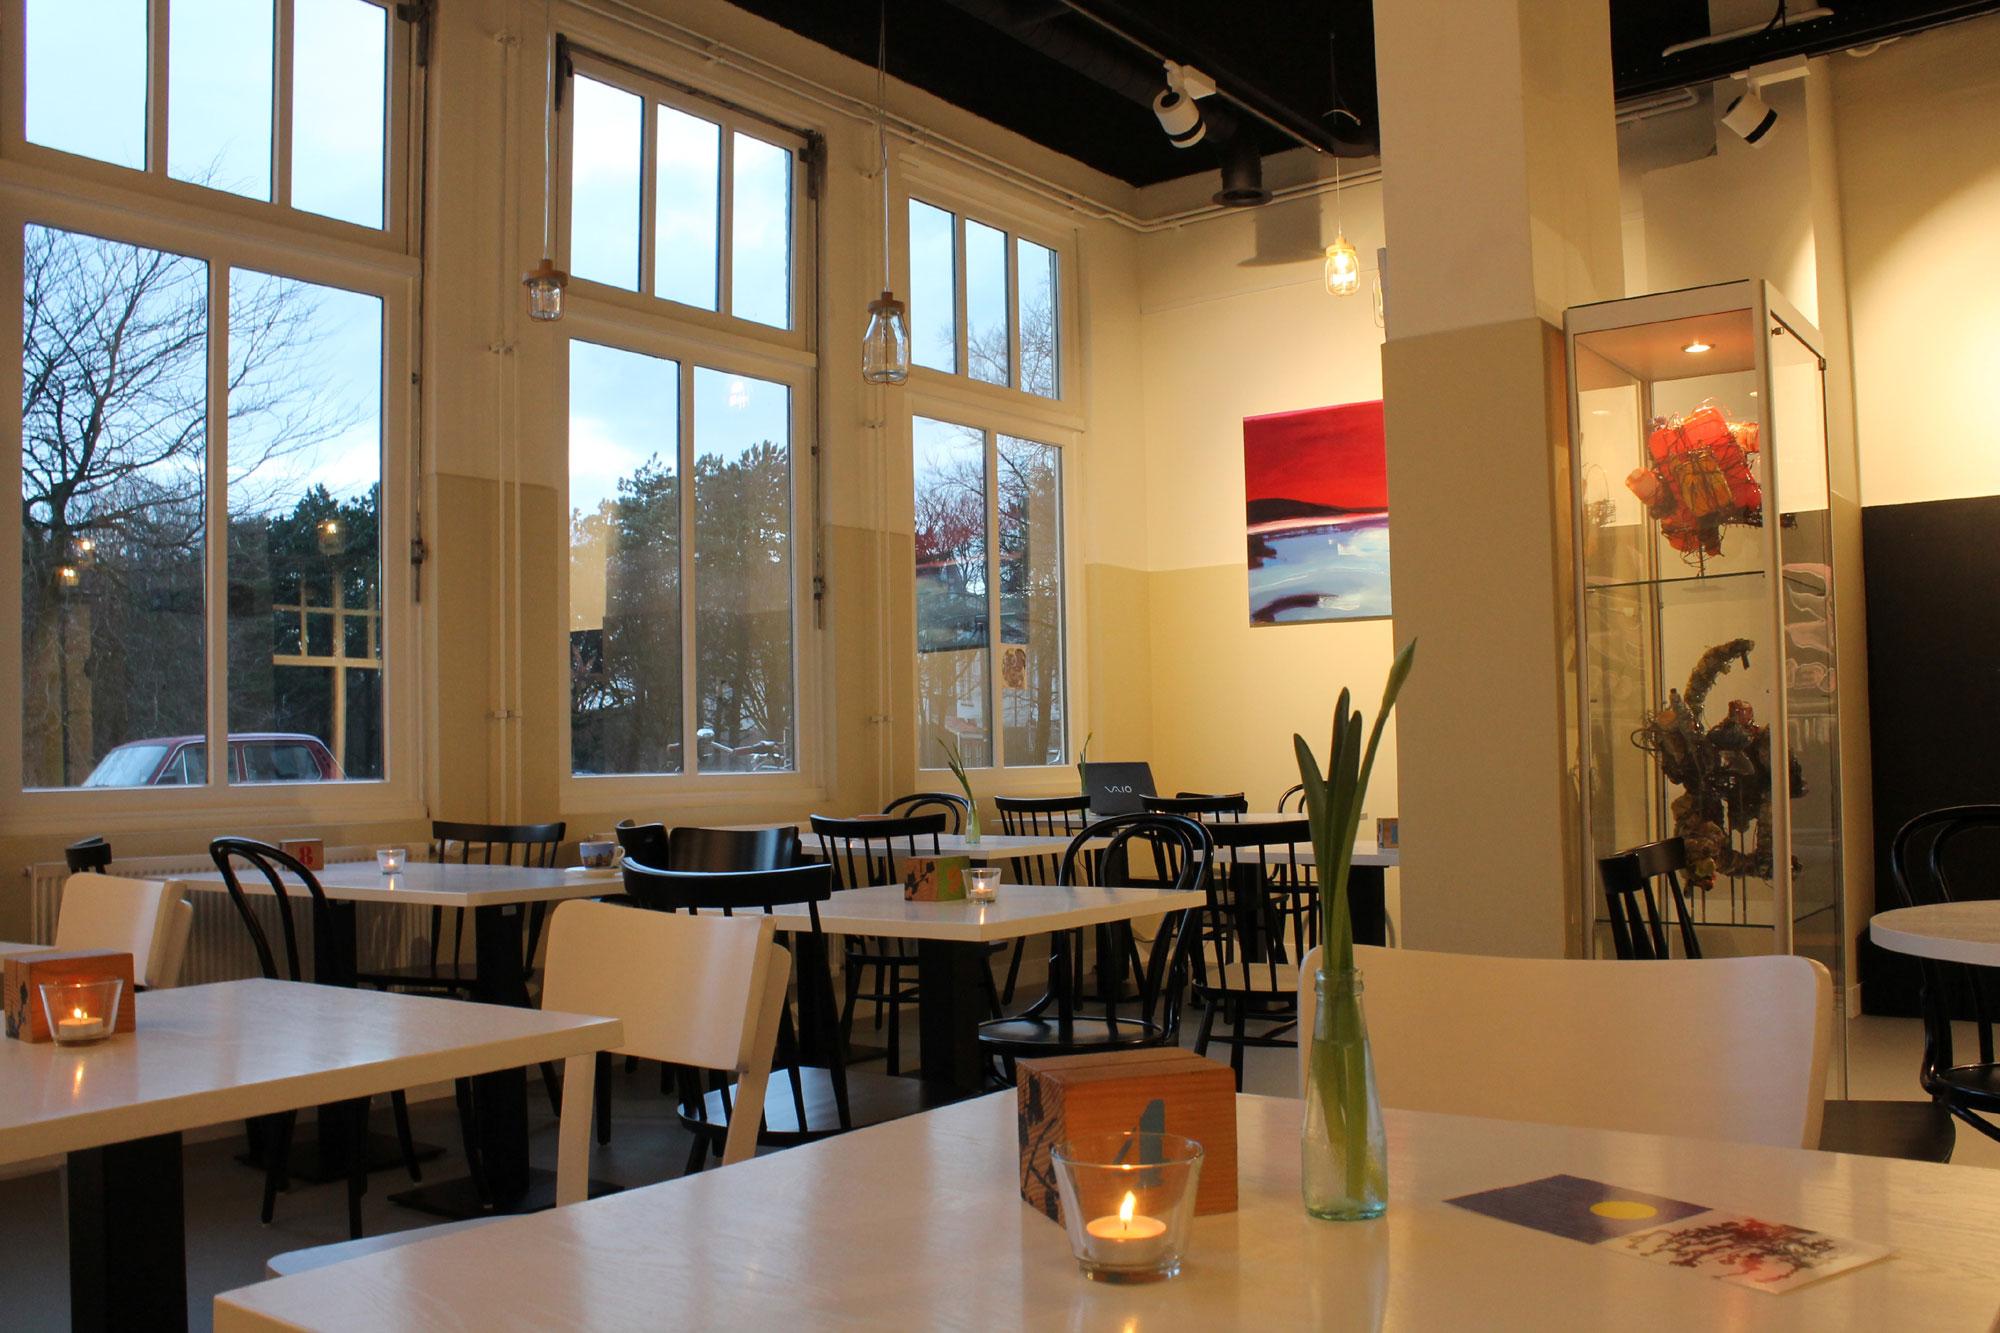 Oude Keuken Castricum : de oude keuken de oude keuken stiftung het oude theehuys ist ein